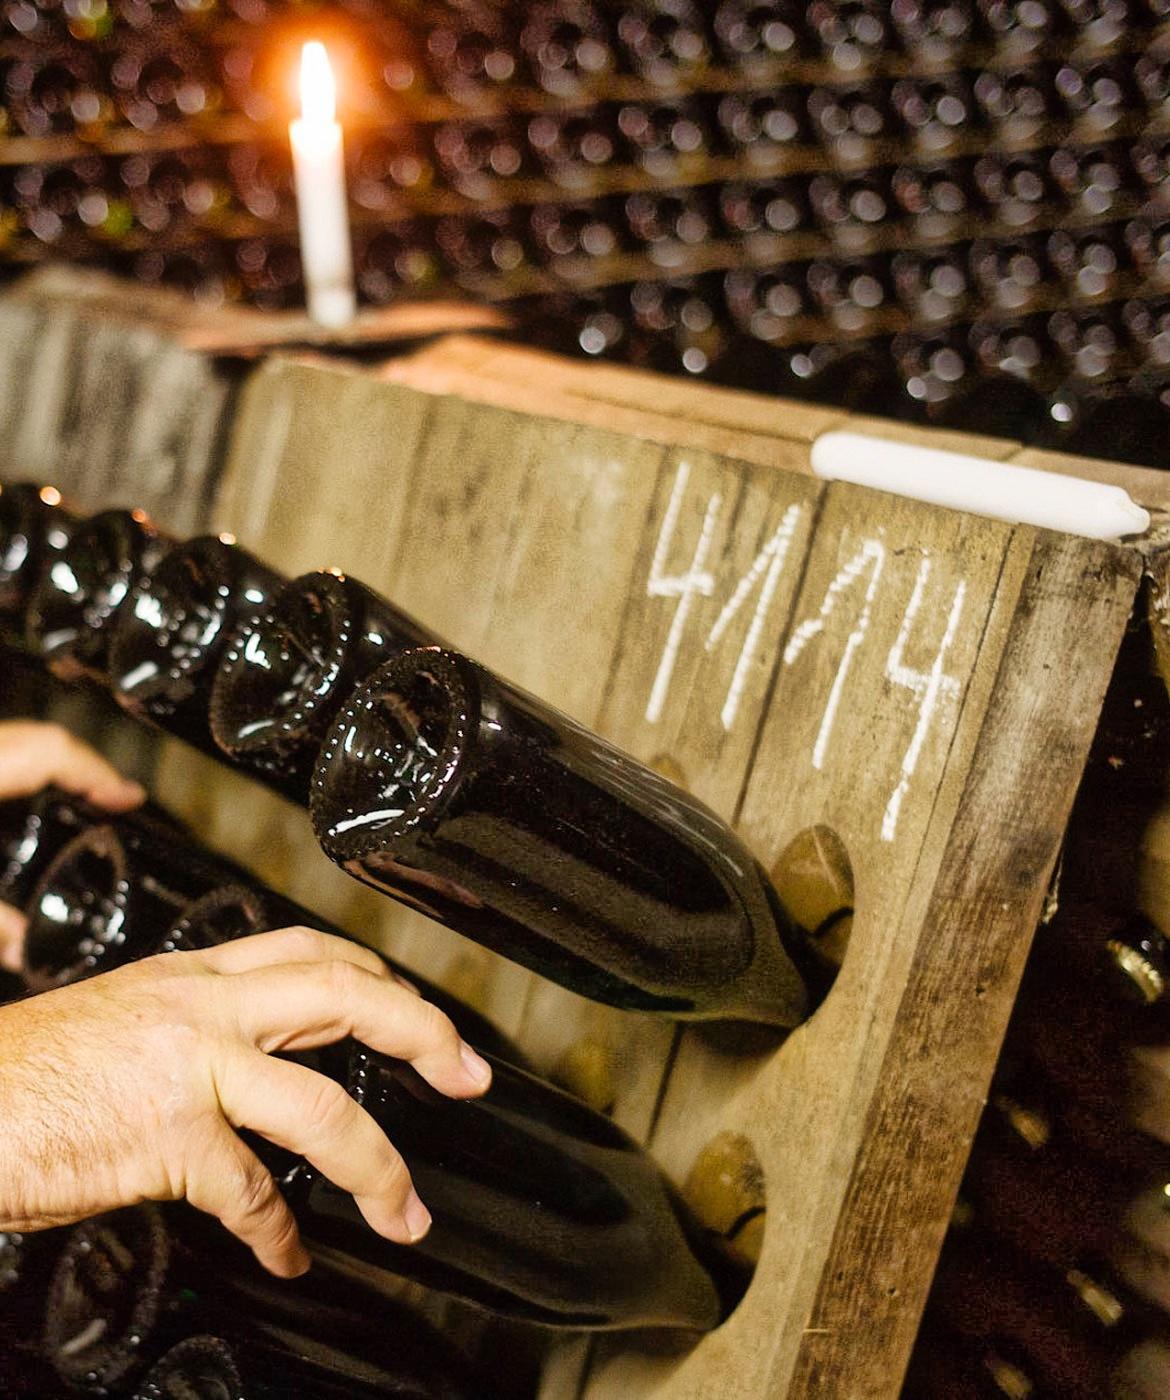 Sekt Traditionelle Flaschengärung handgerüttelt